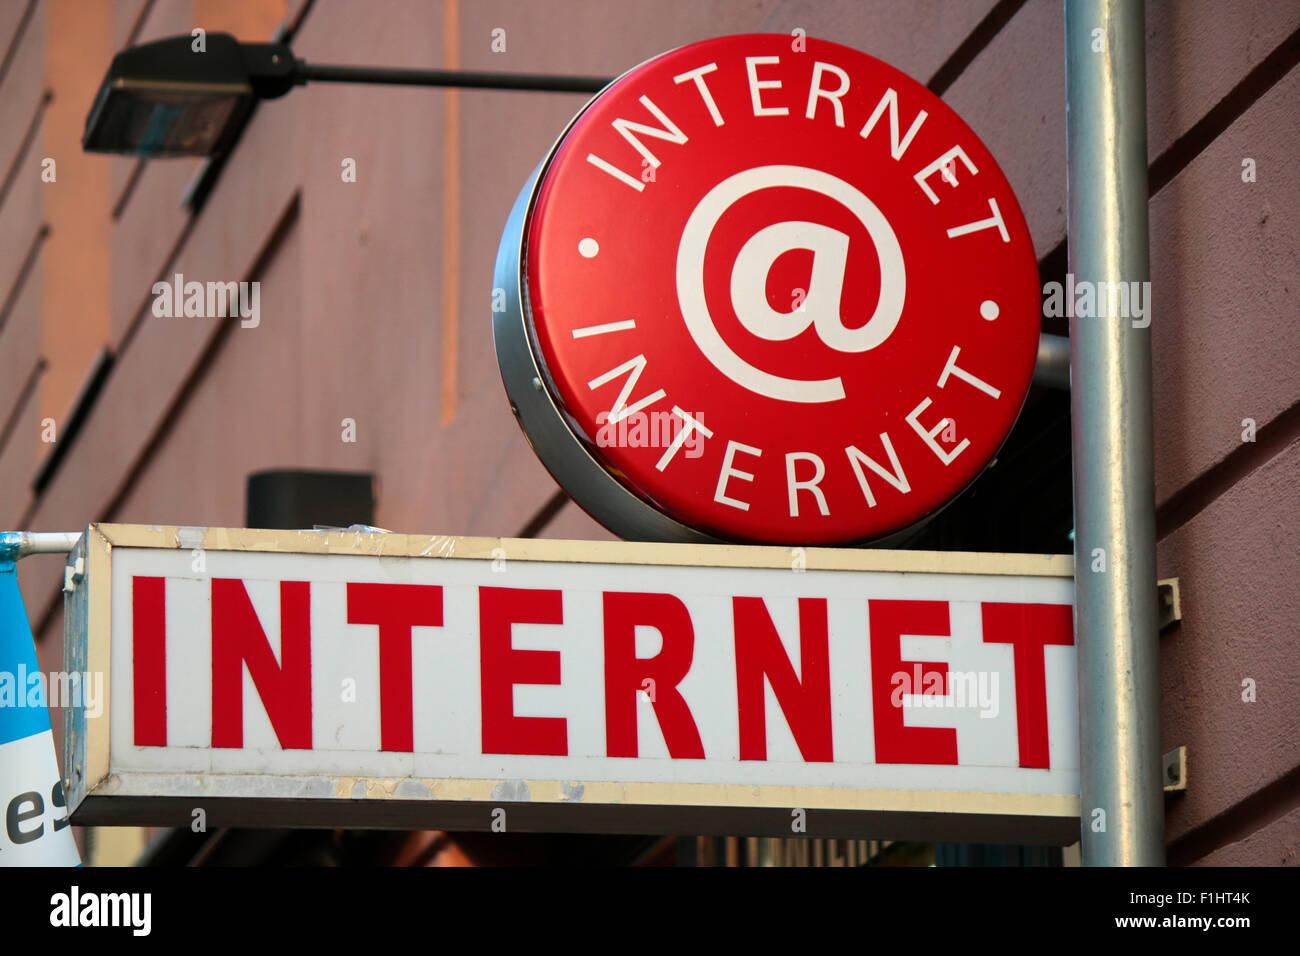 Markennamen: 'Internet', de Berlín. Imagen De Stock